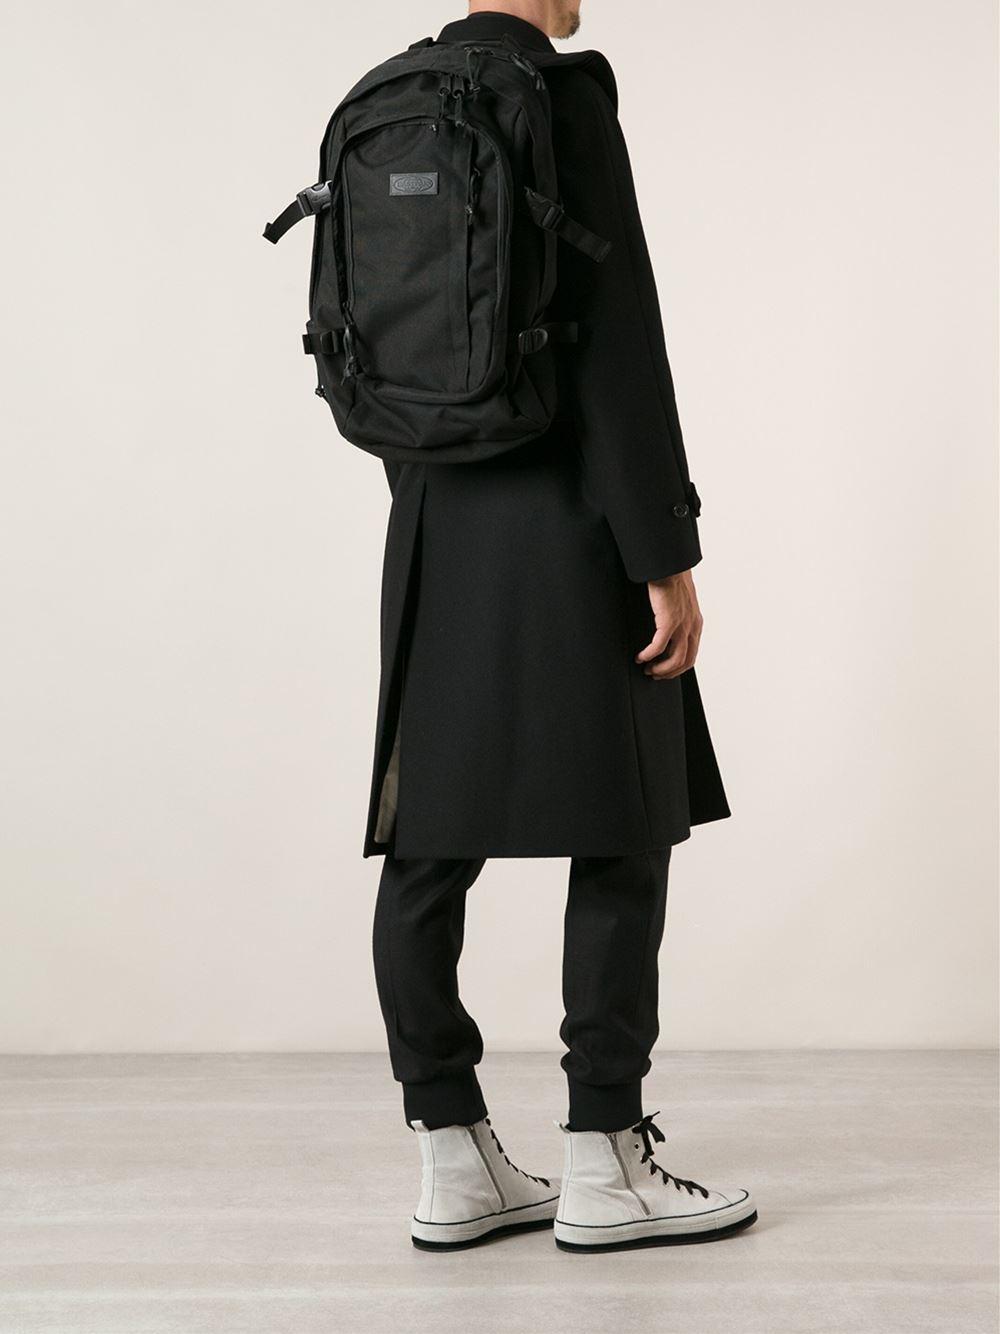 0fa1ad00515 Eastpak 'Evanz' Backpack in Black for Men - Lyst